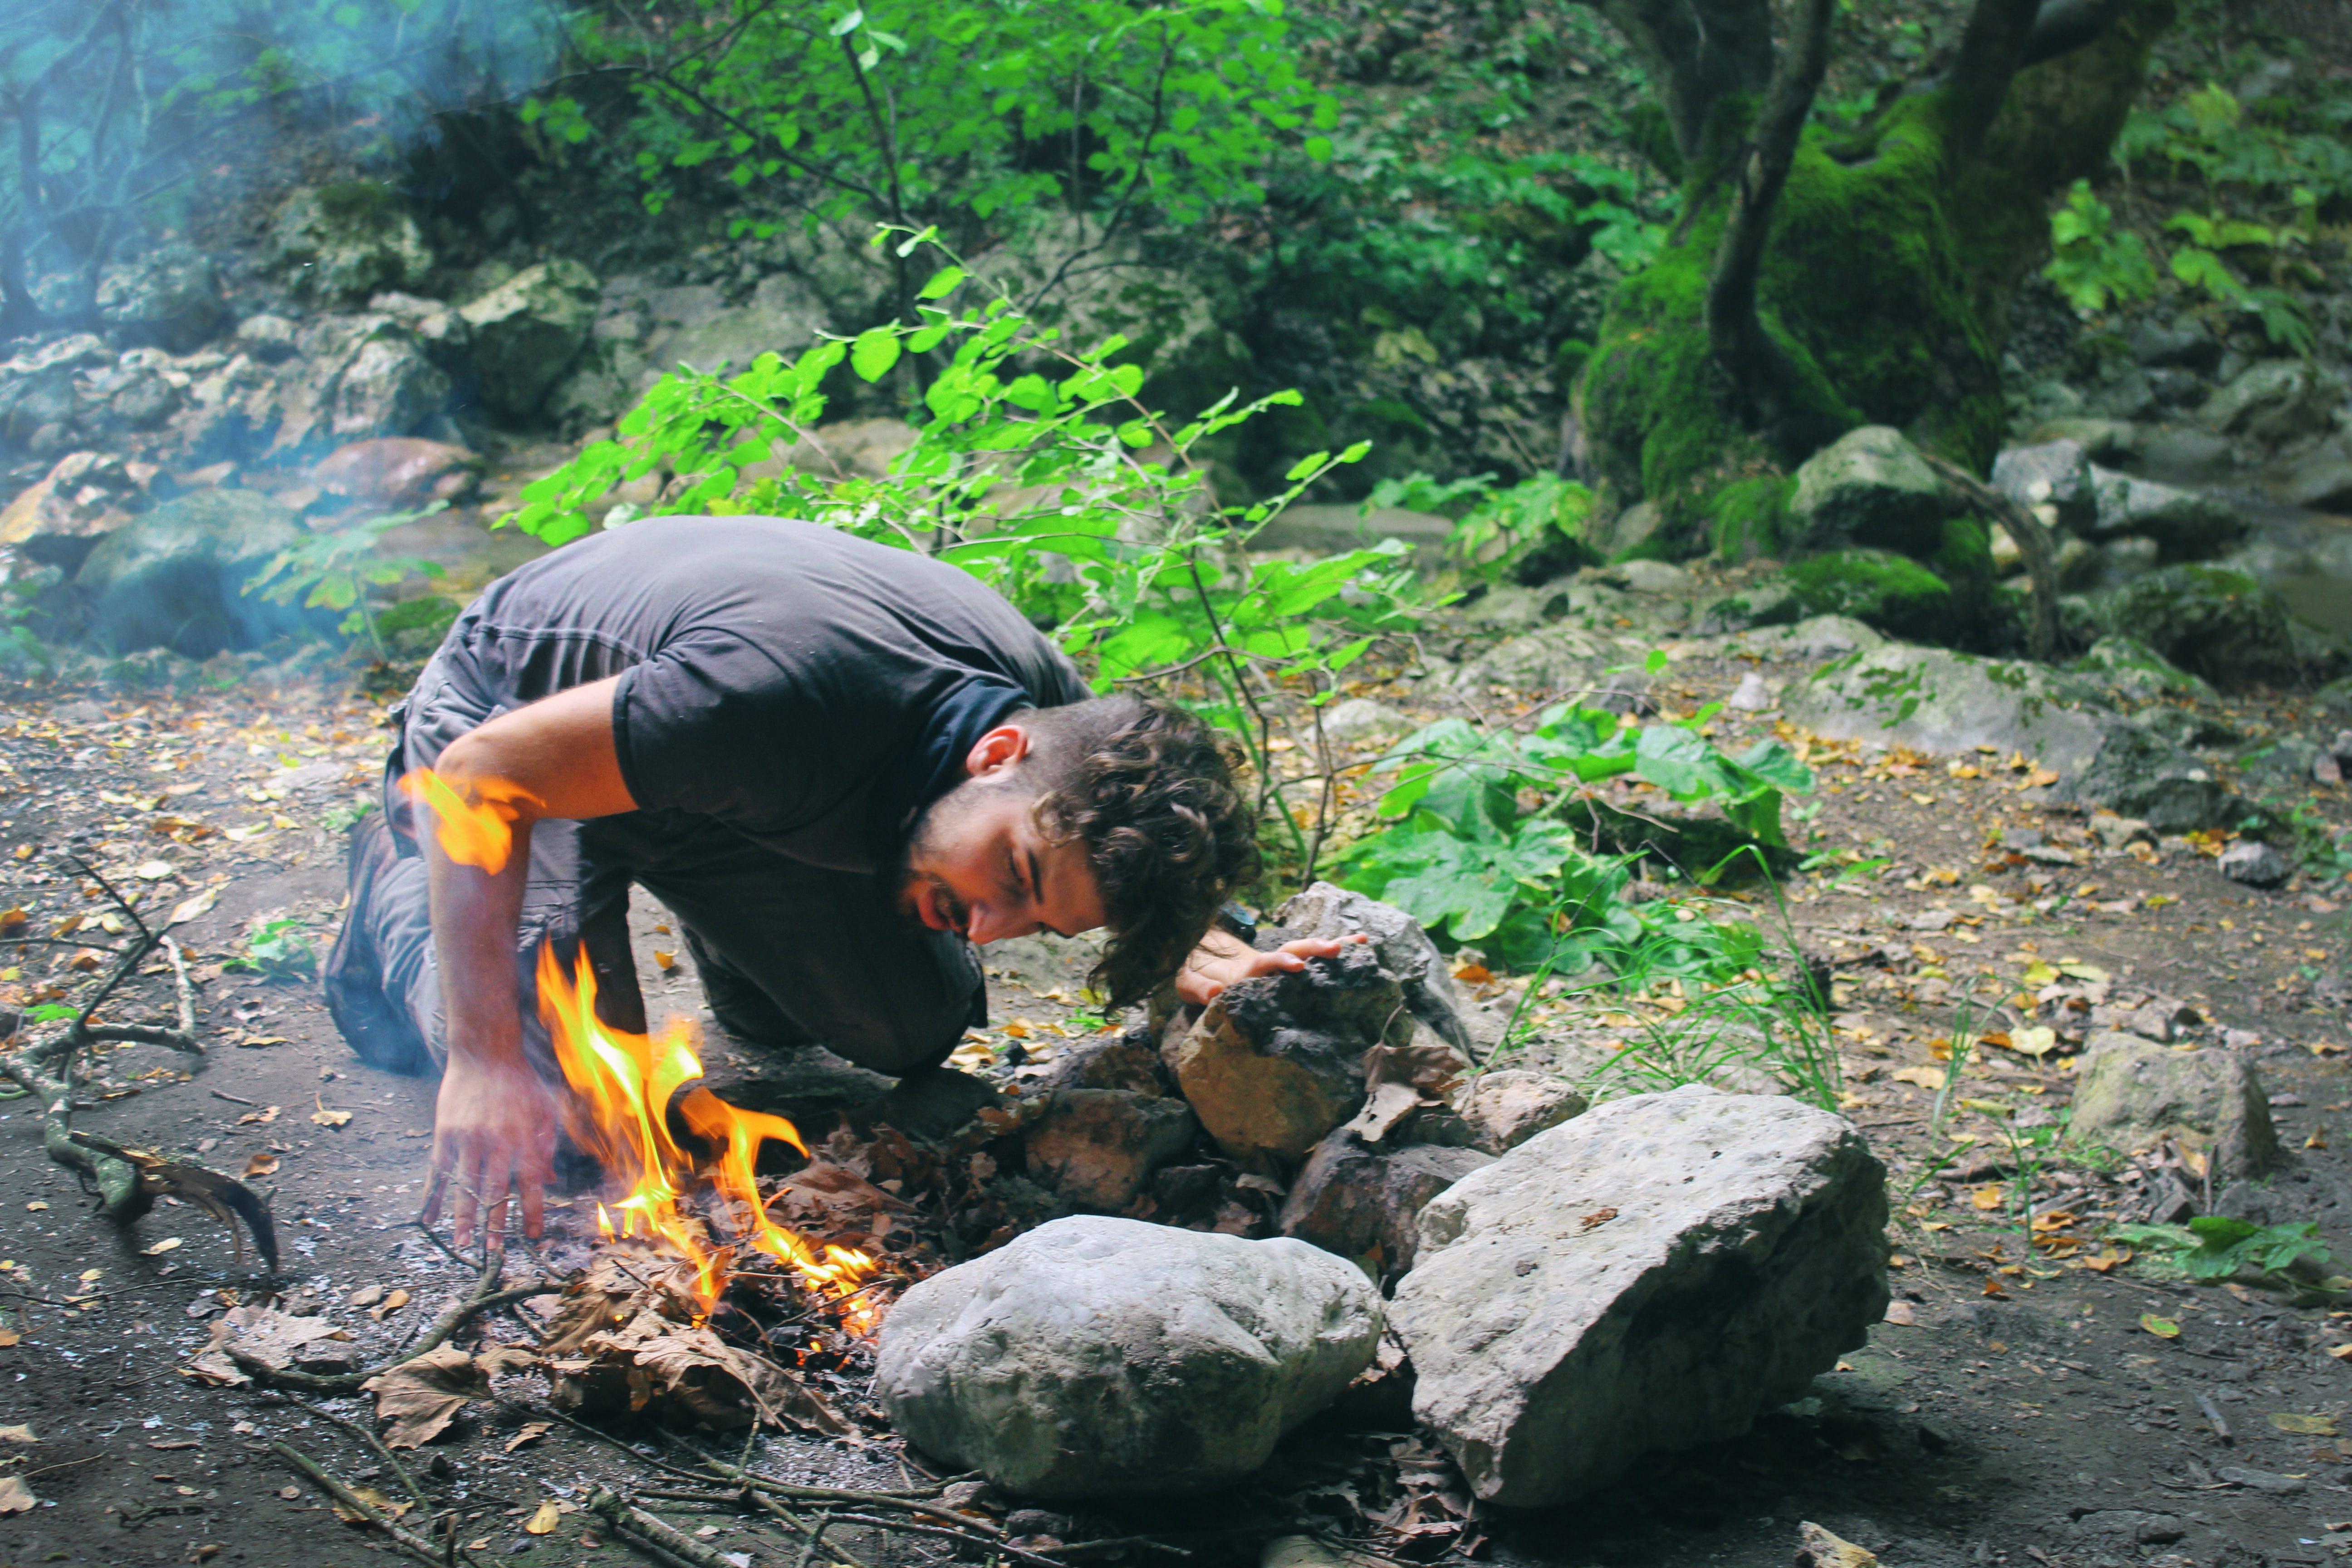 Δωρεάν στοκ φωτογραφιών με άνδρας, άνθρωπος, βράχια, δασικός